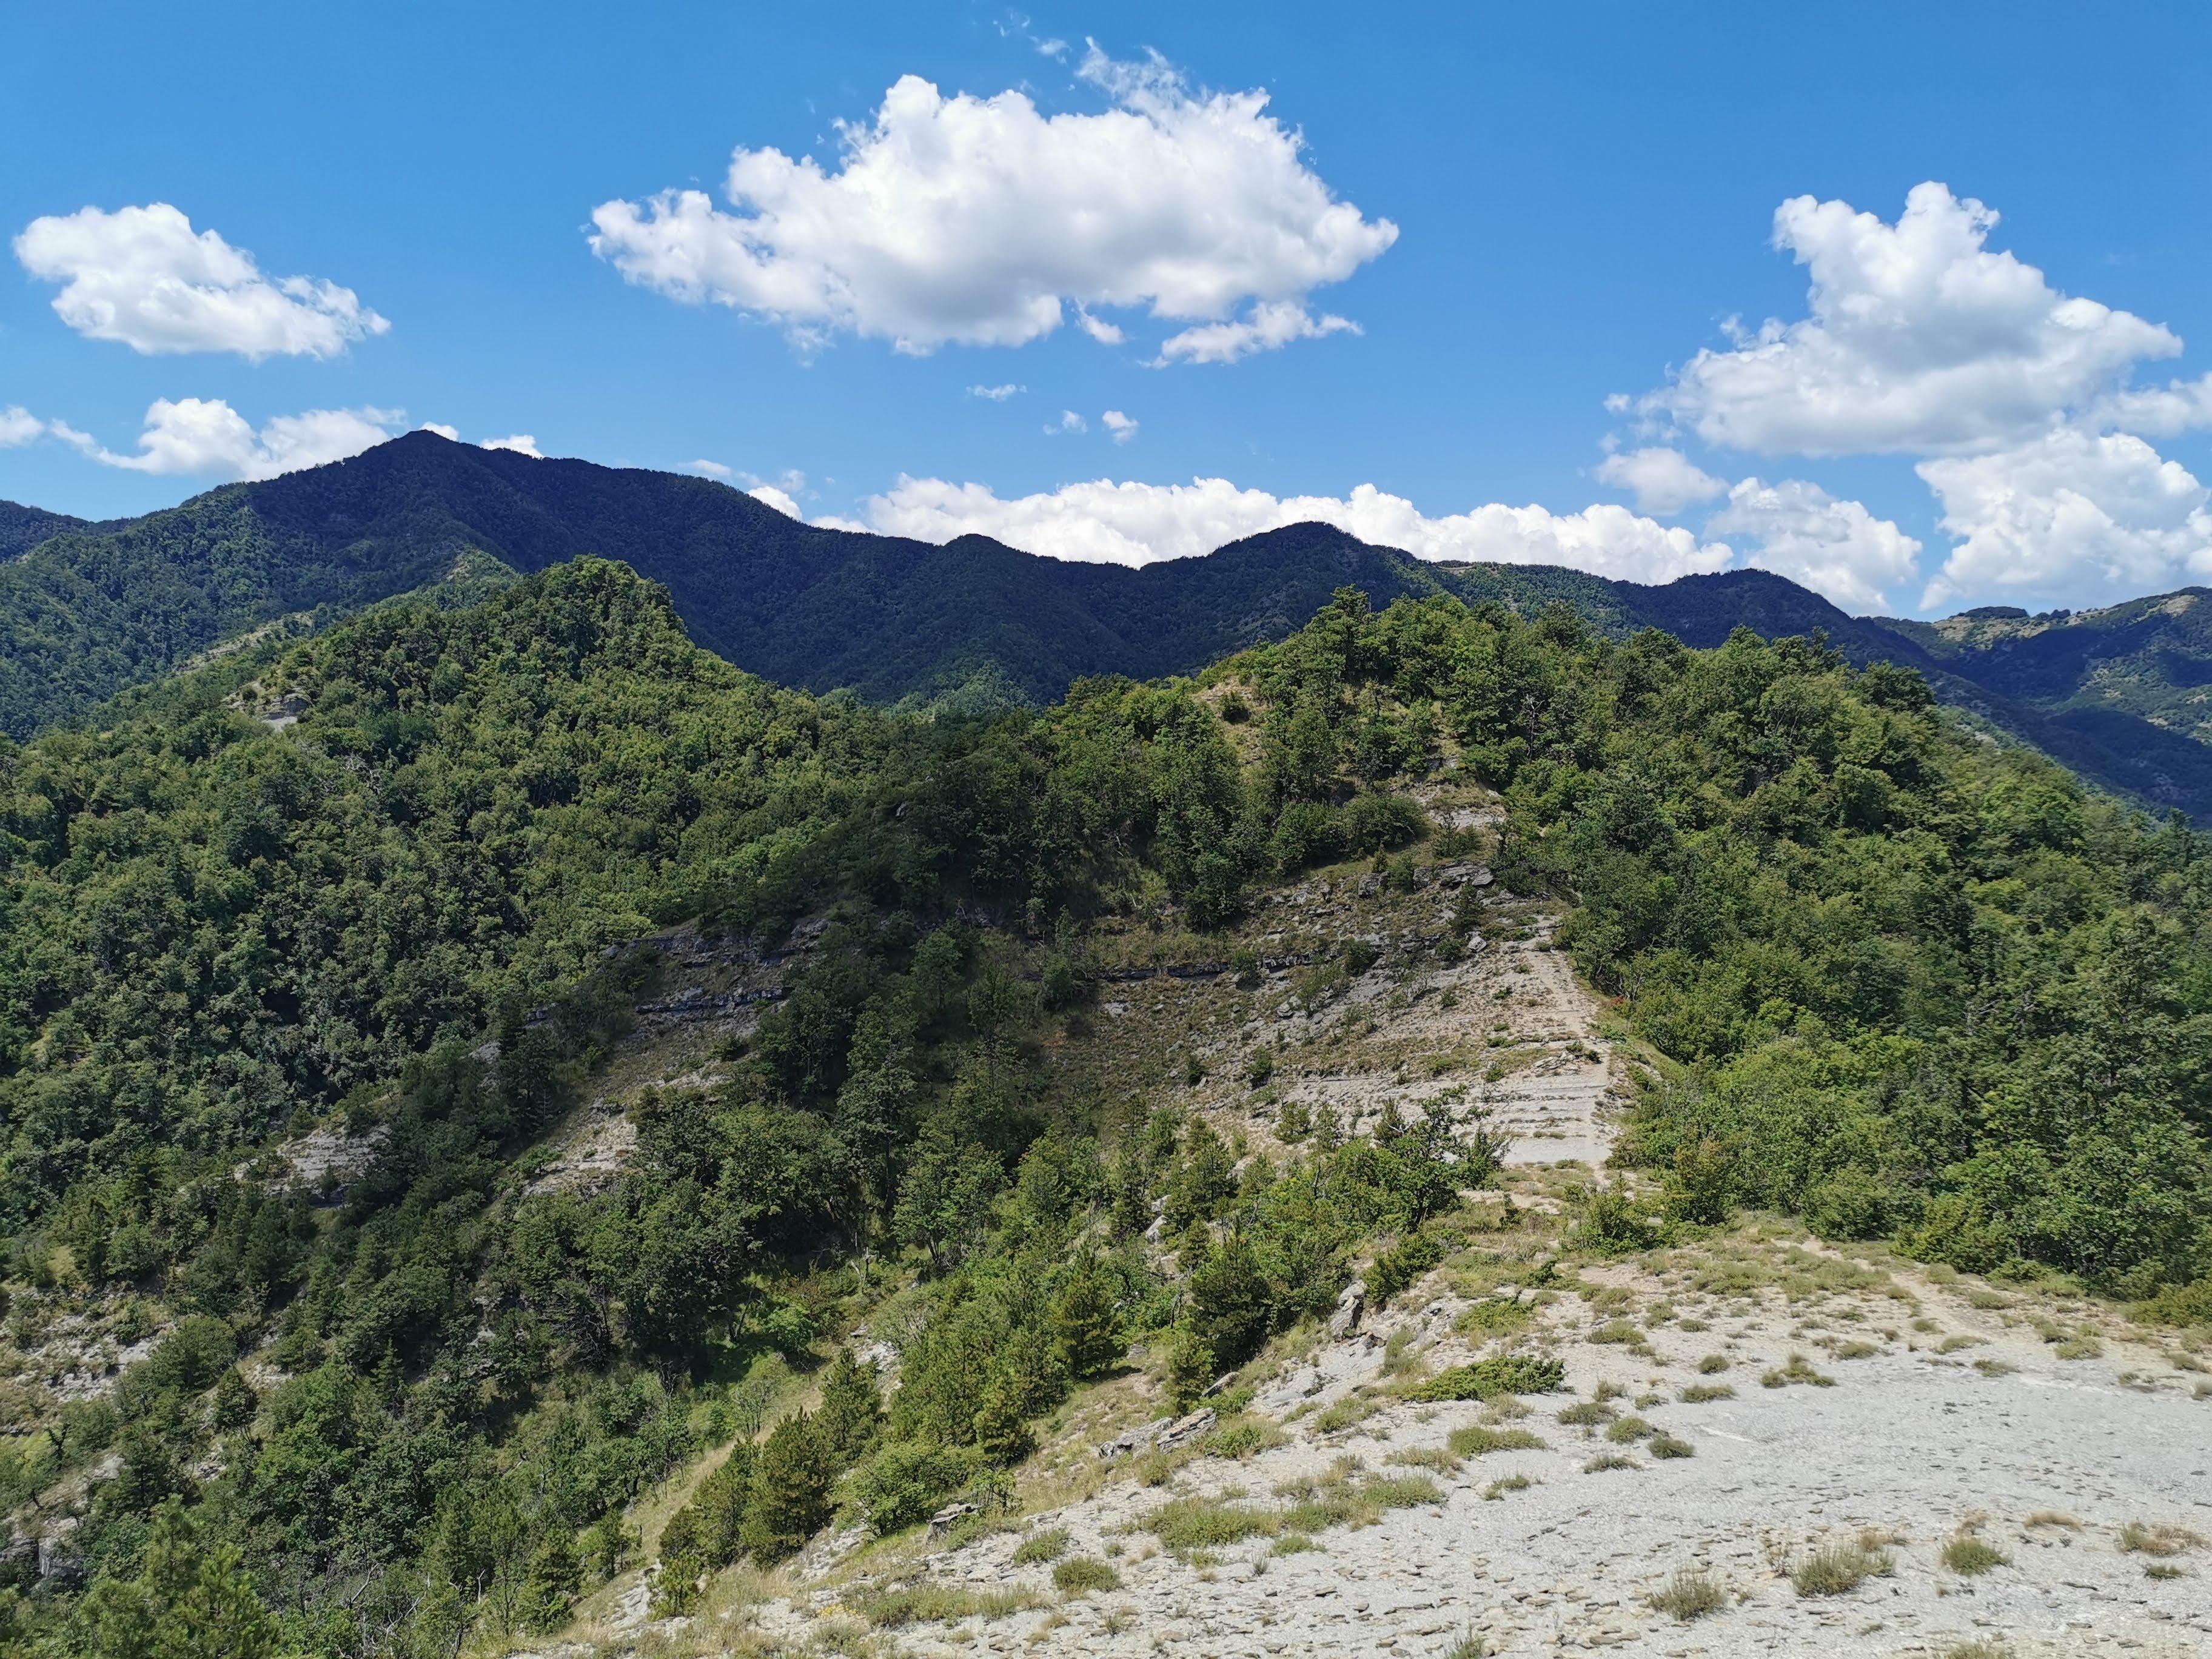 Crinale dell'Anello di campanara a Palazzuolo sul Senio